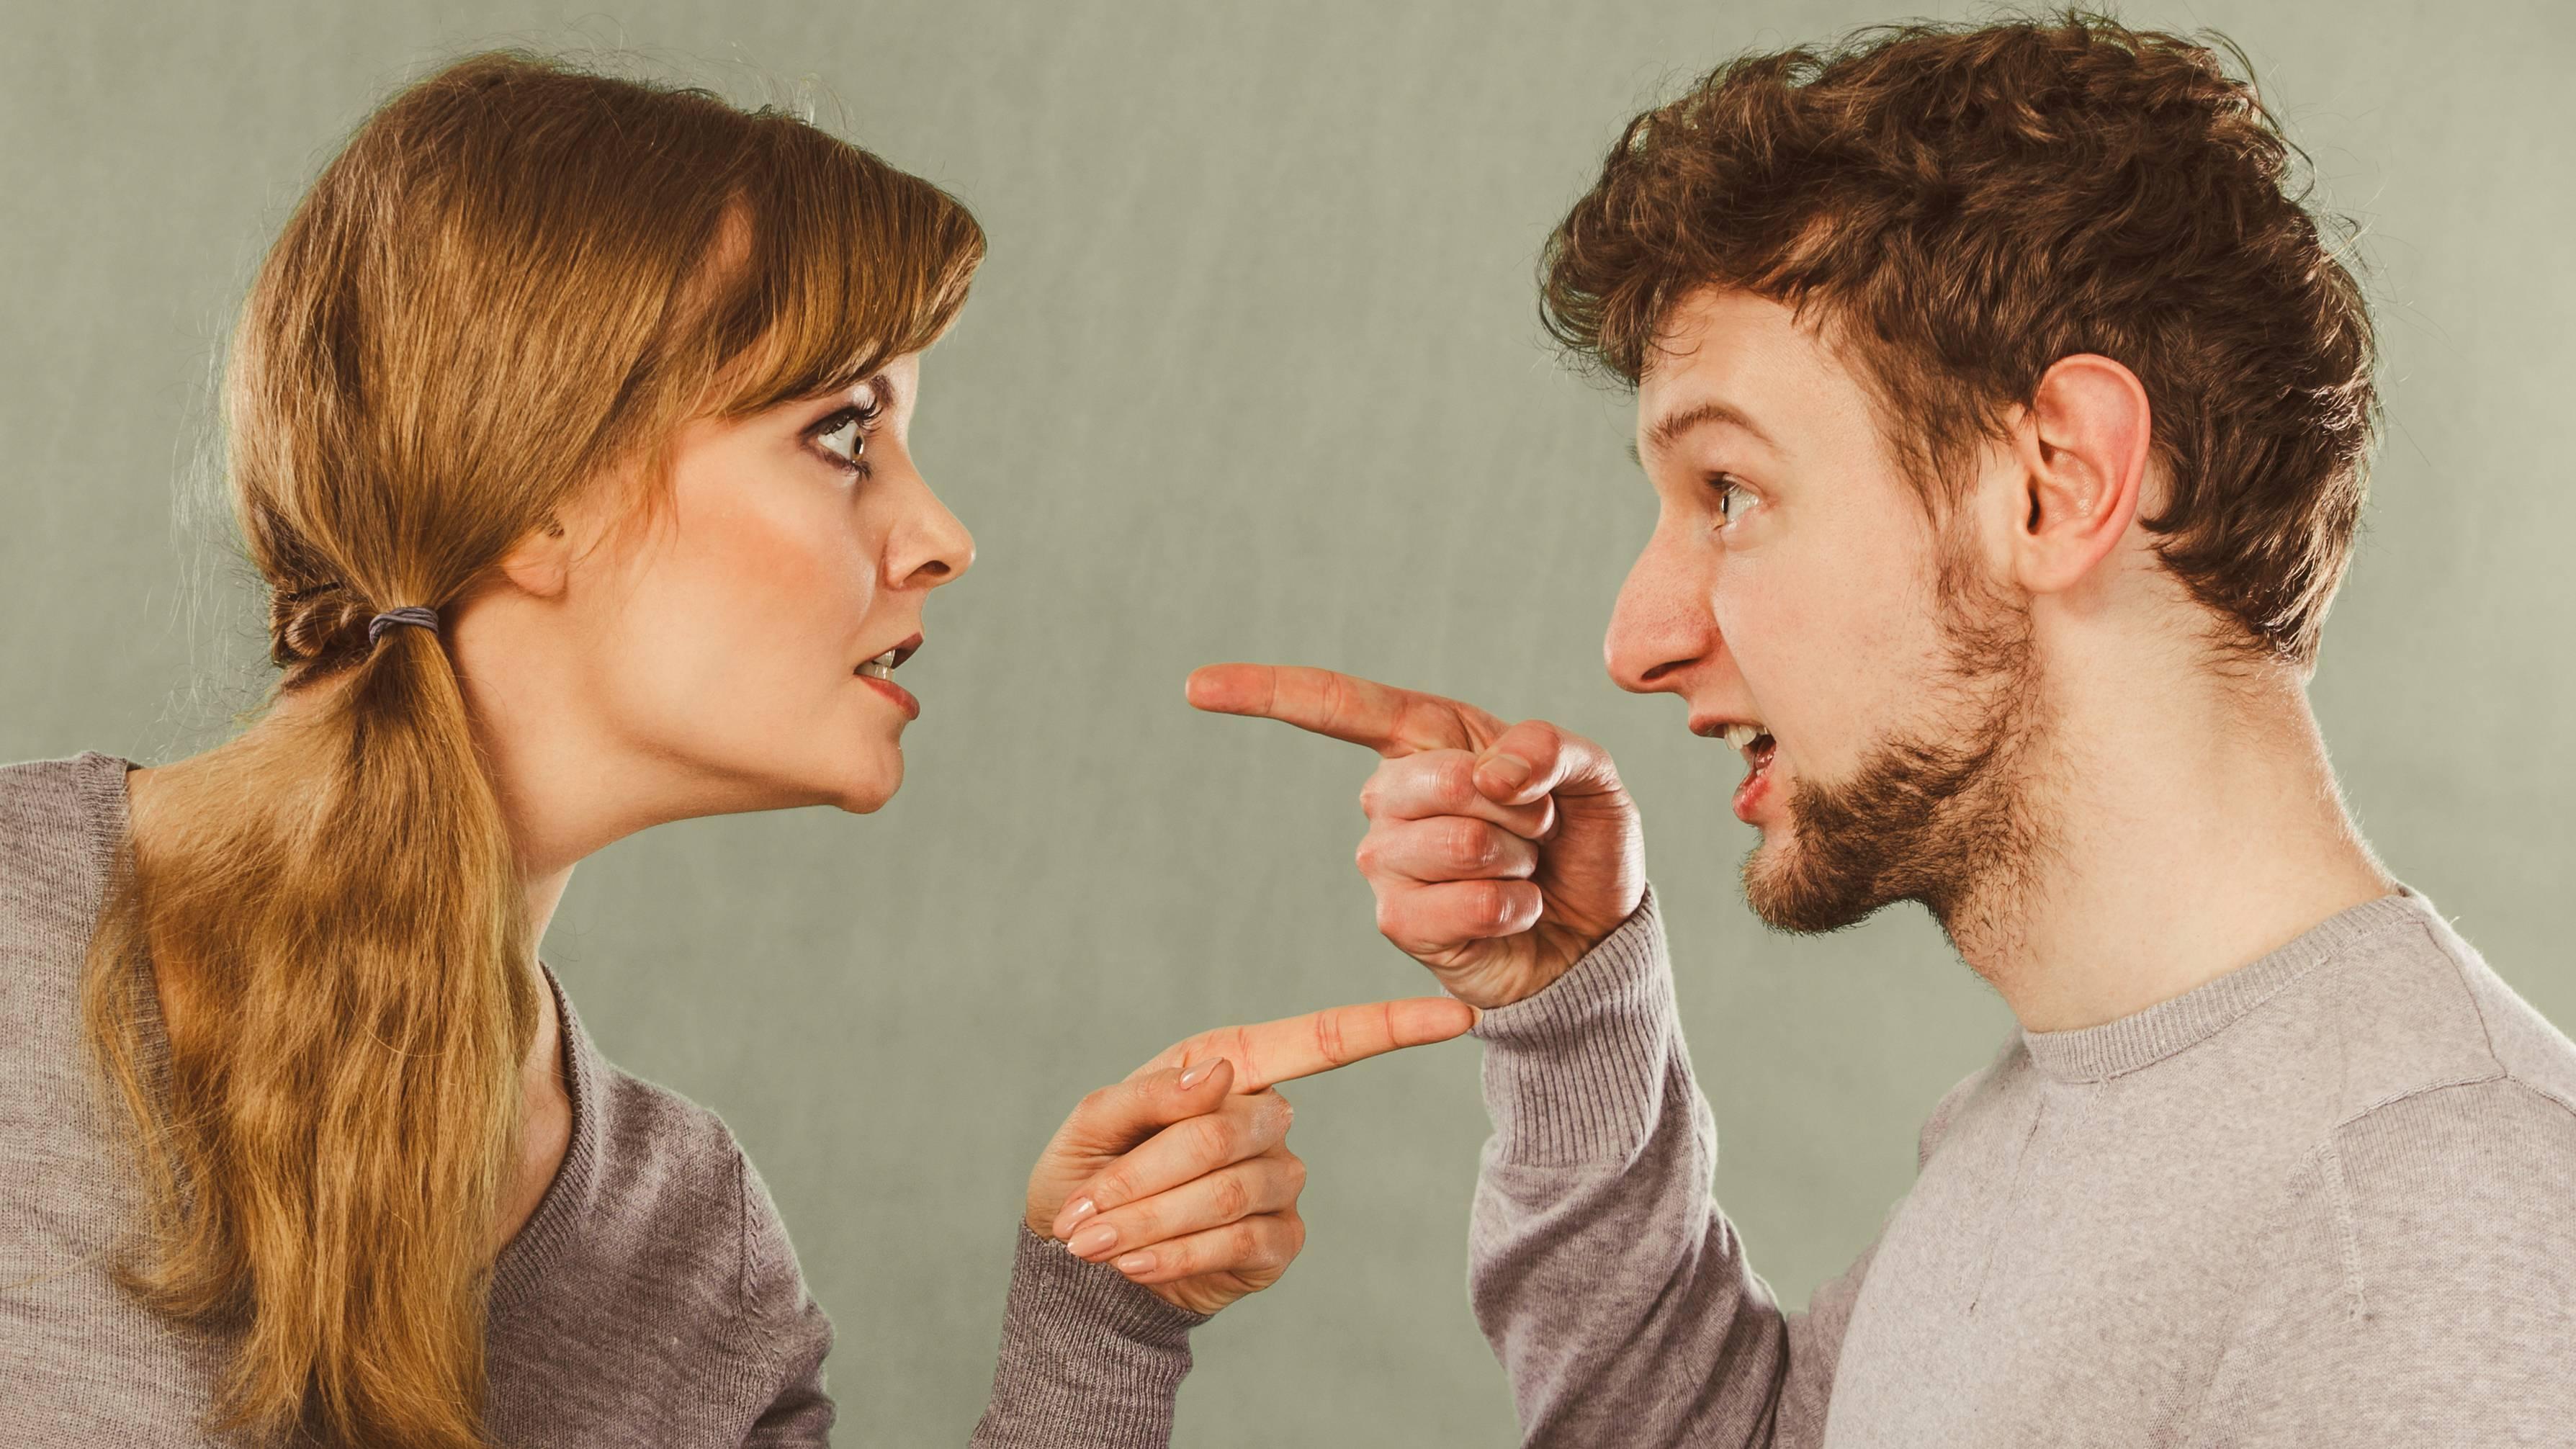 14 признаков того, что вы готовы к отношениям